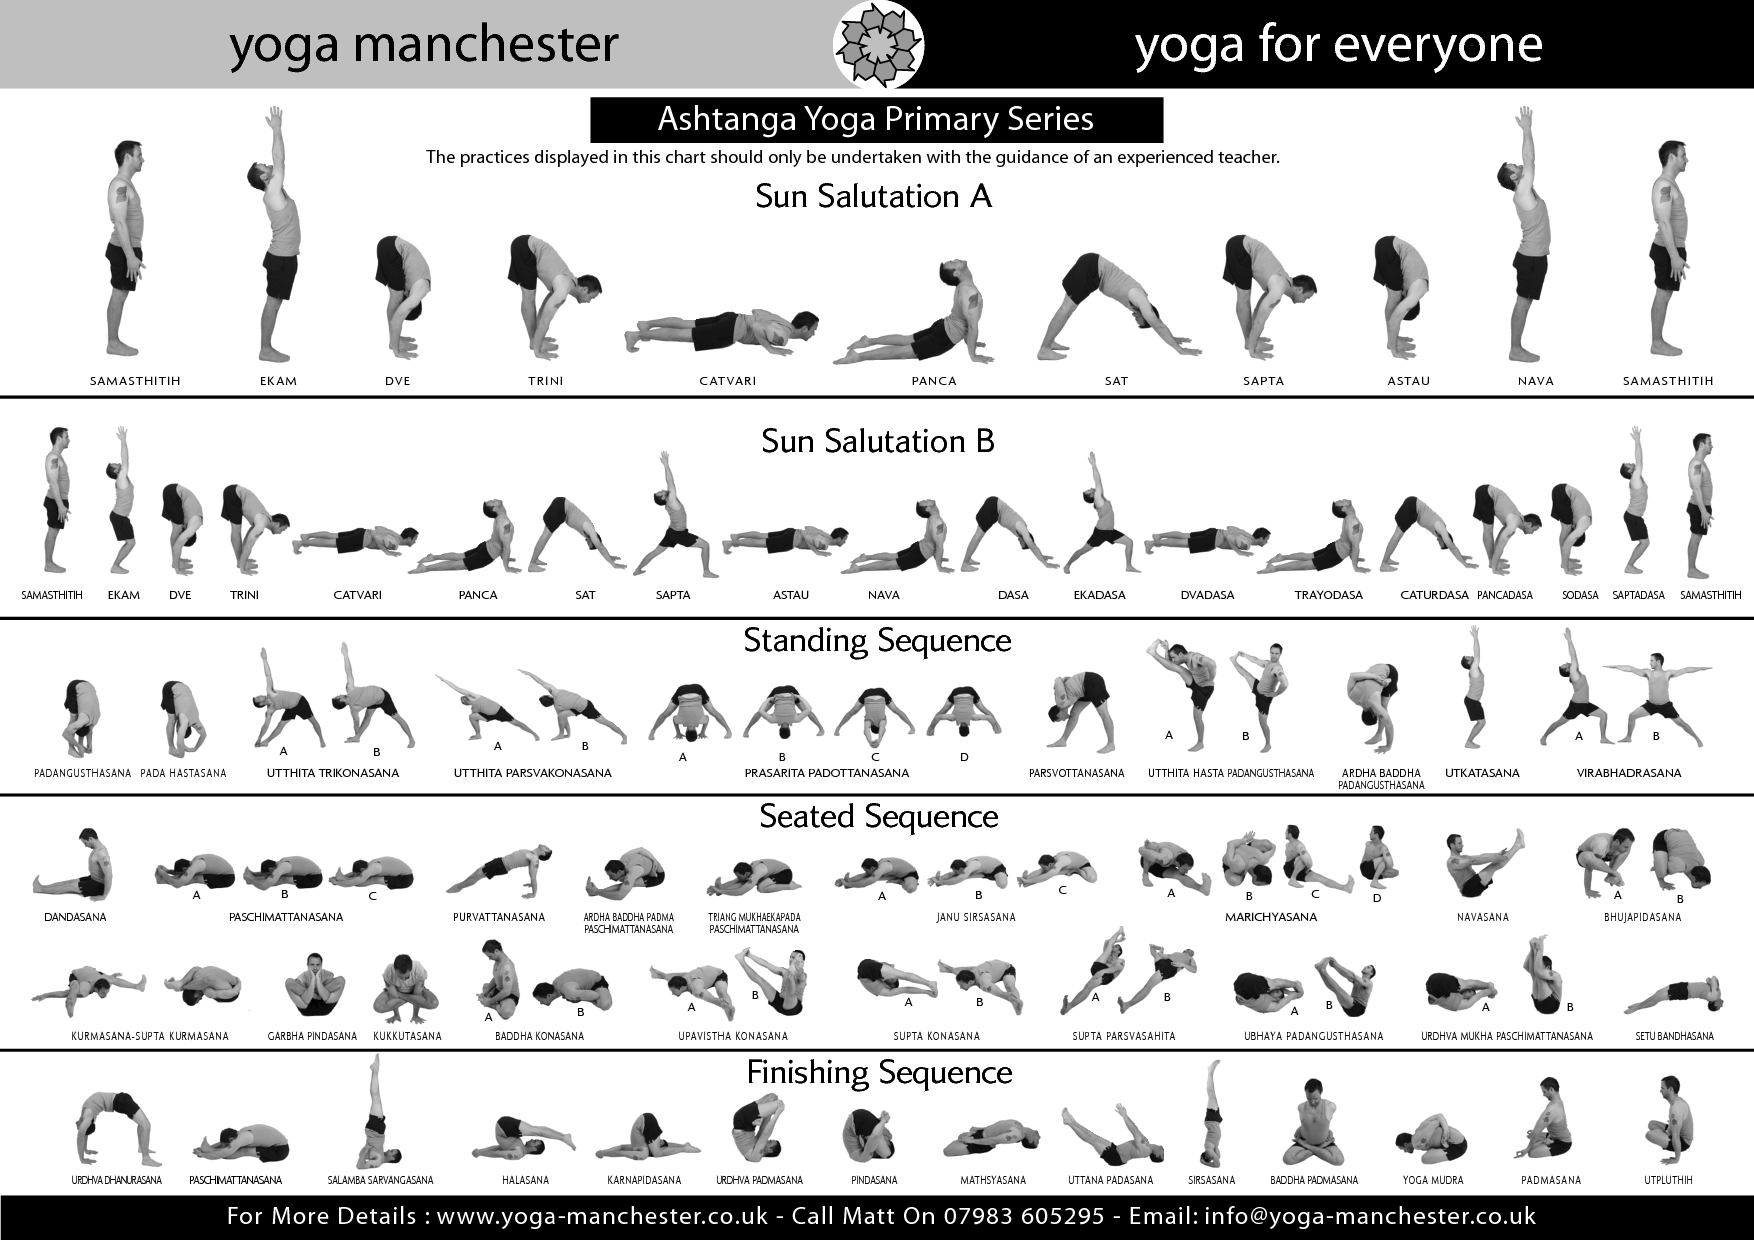 Yoga Time Yoga Blog Ashtanga Vinyasa Yoga Ashtanga Yoga Primary Series Ashtanga Yoga